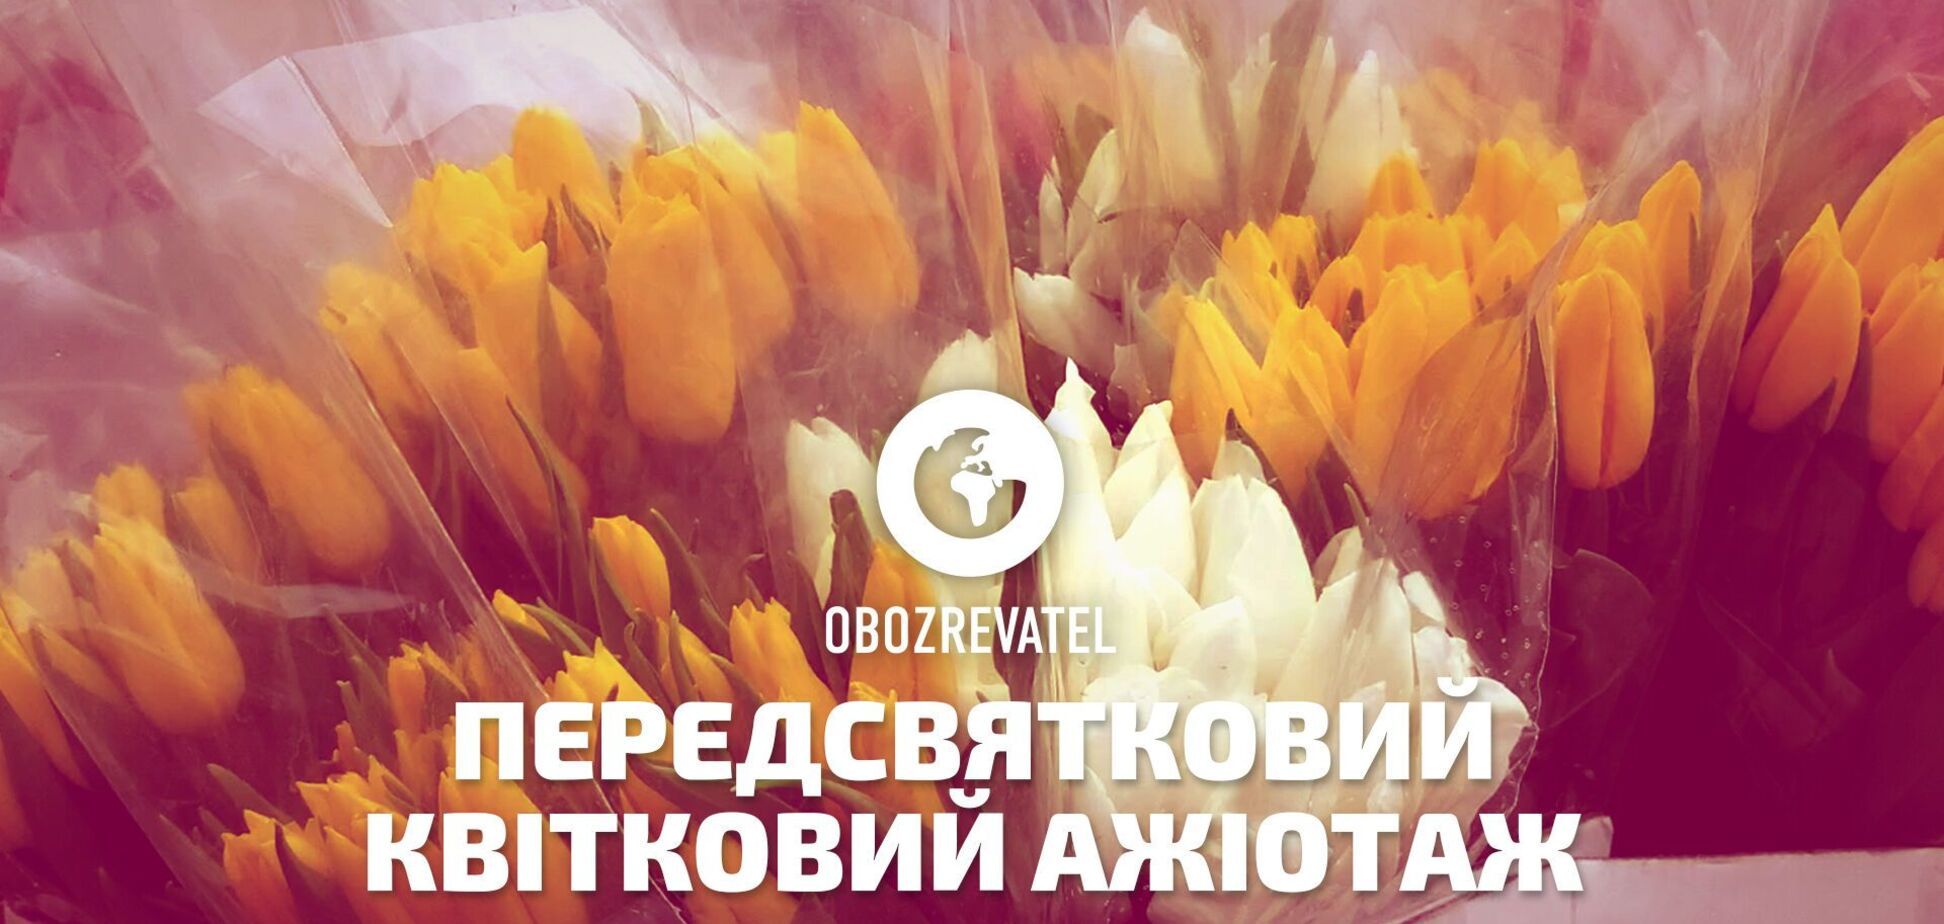 Цветочный ажиотаж к 8 Марта